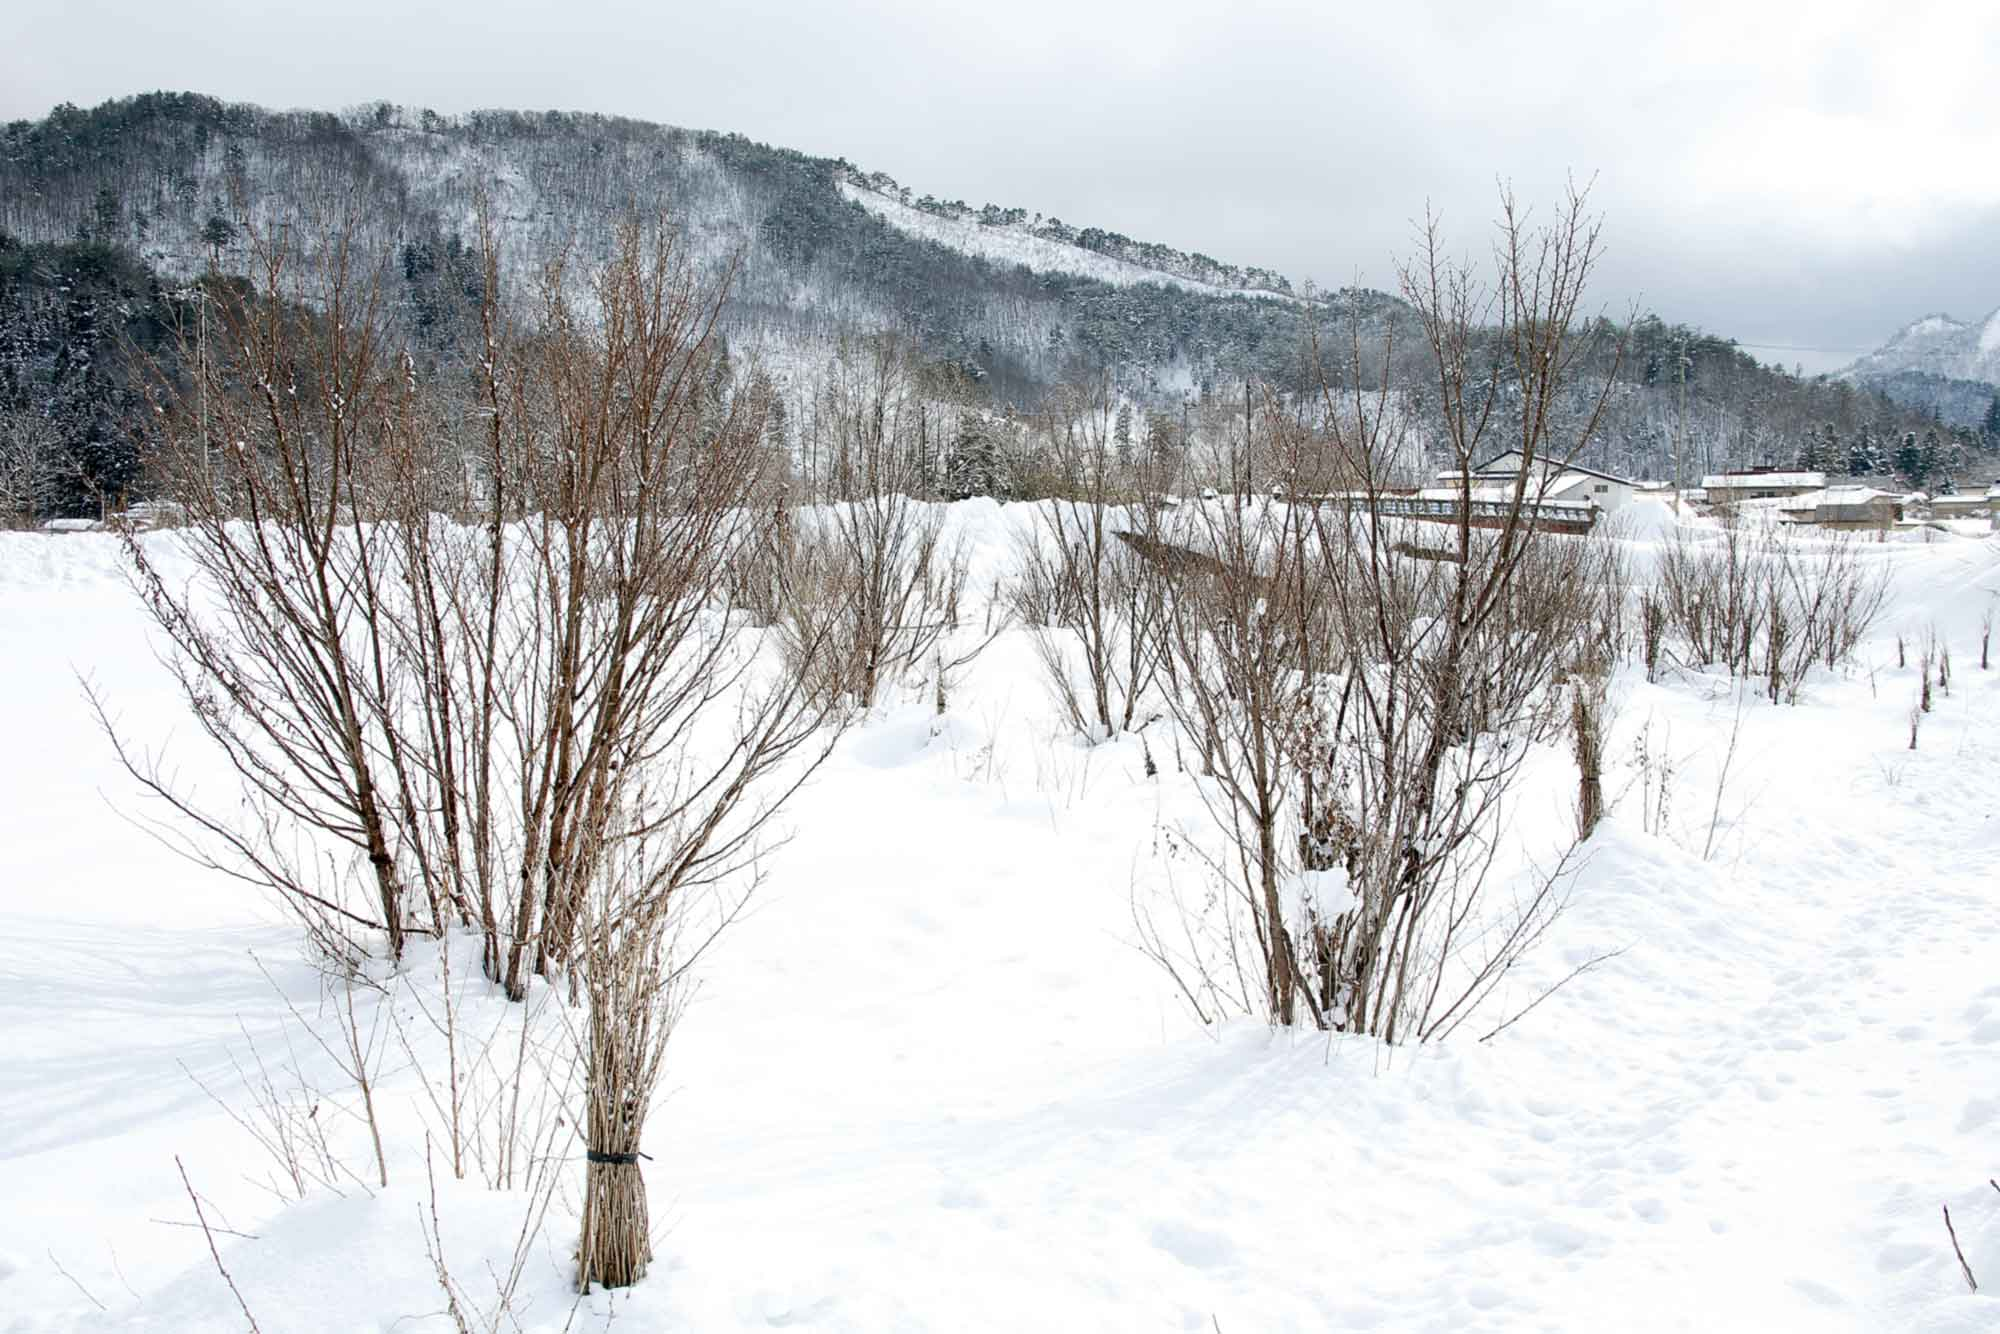 山形県アンテナショップおいしい山形 素材を訪ねて|啓翁桜:                 雪に覆われた畑のなかで休眠中の啓翁桜。この木を切り出し、ハウスの中で温度調節しながら休眠打破していきます。